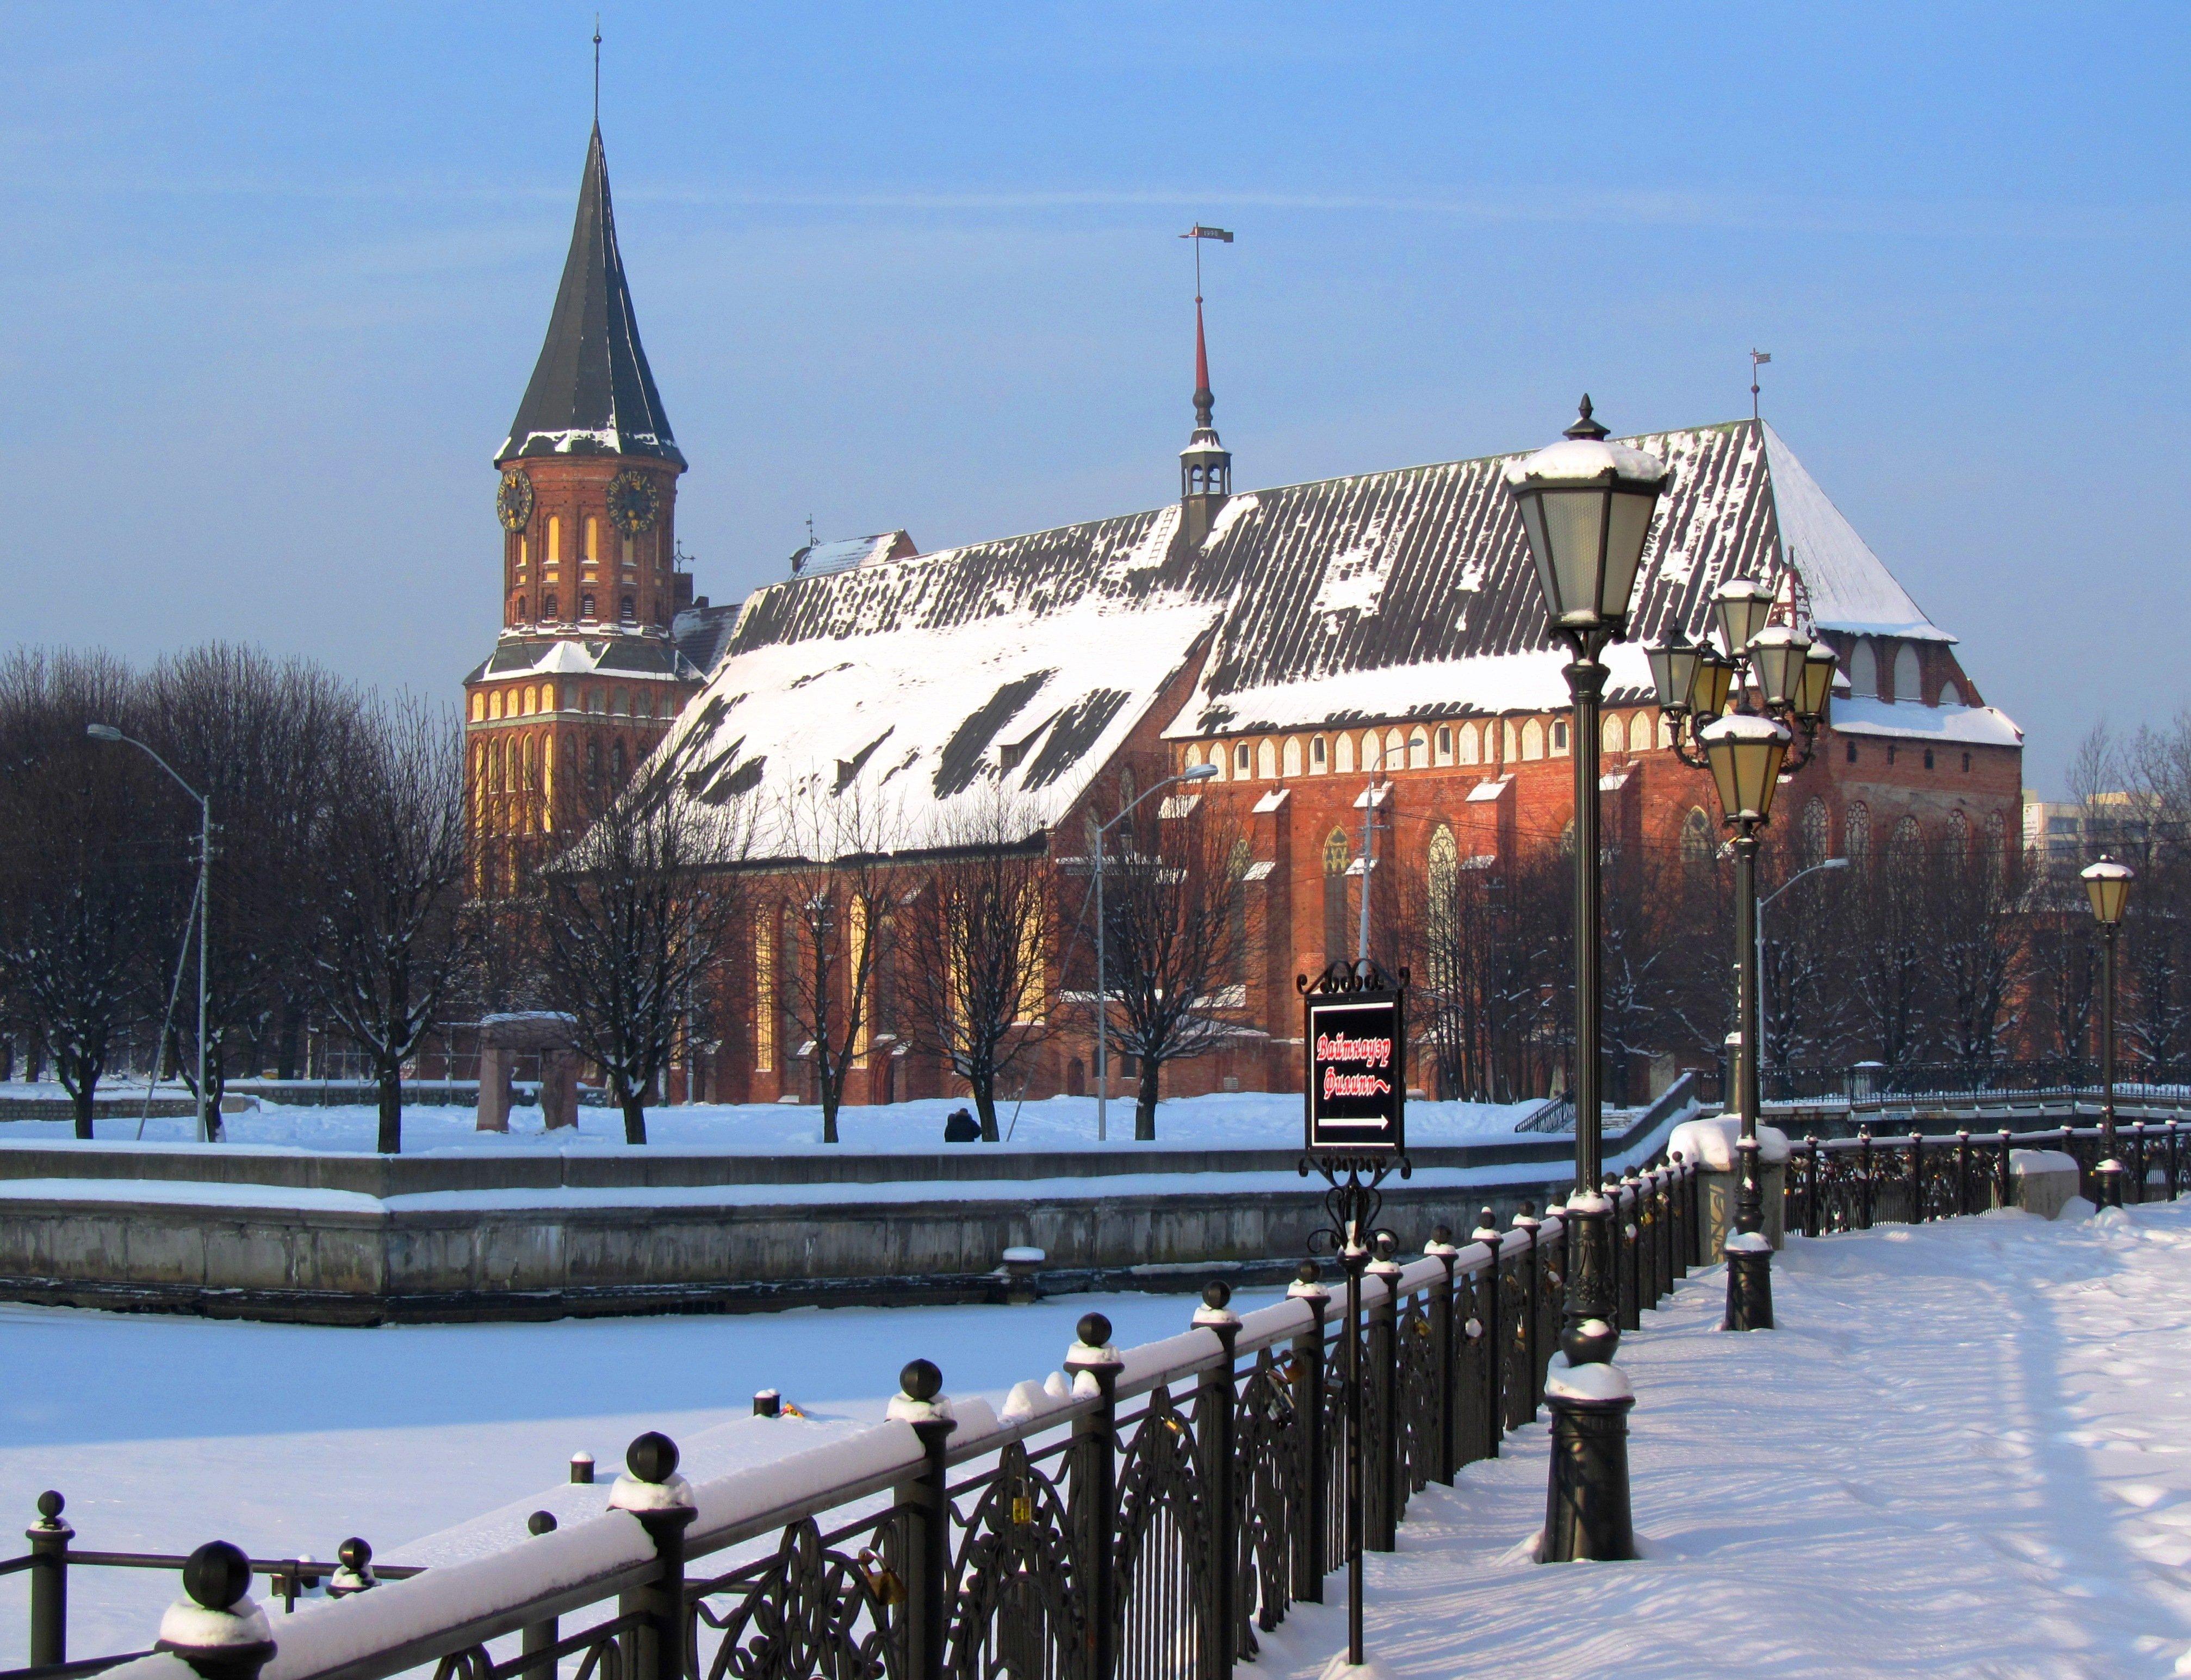 бесплатные елгава зимние фото туристов удивлялись, восхищались великие